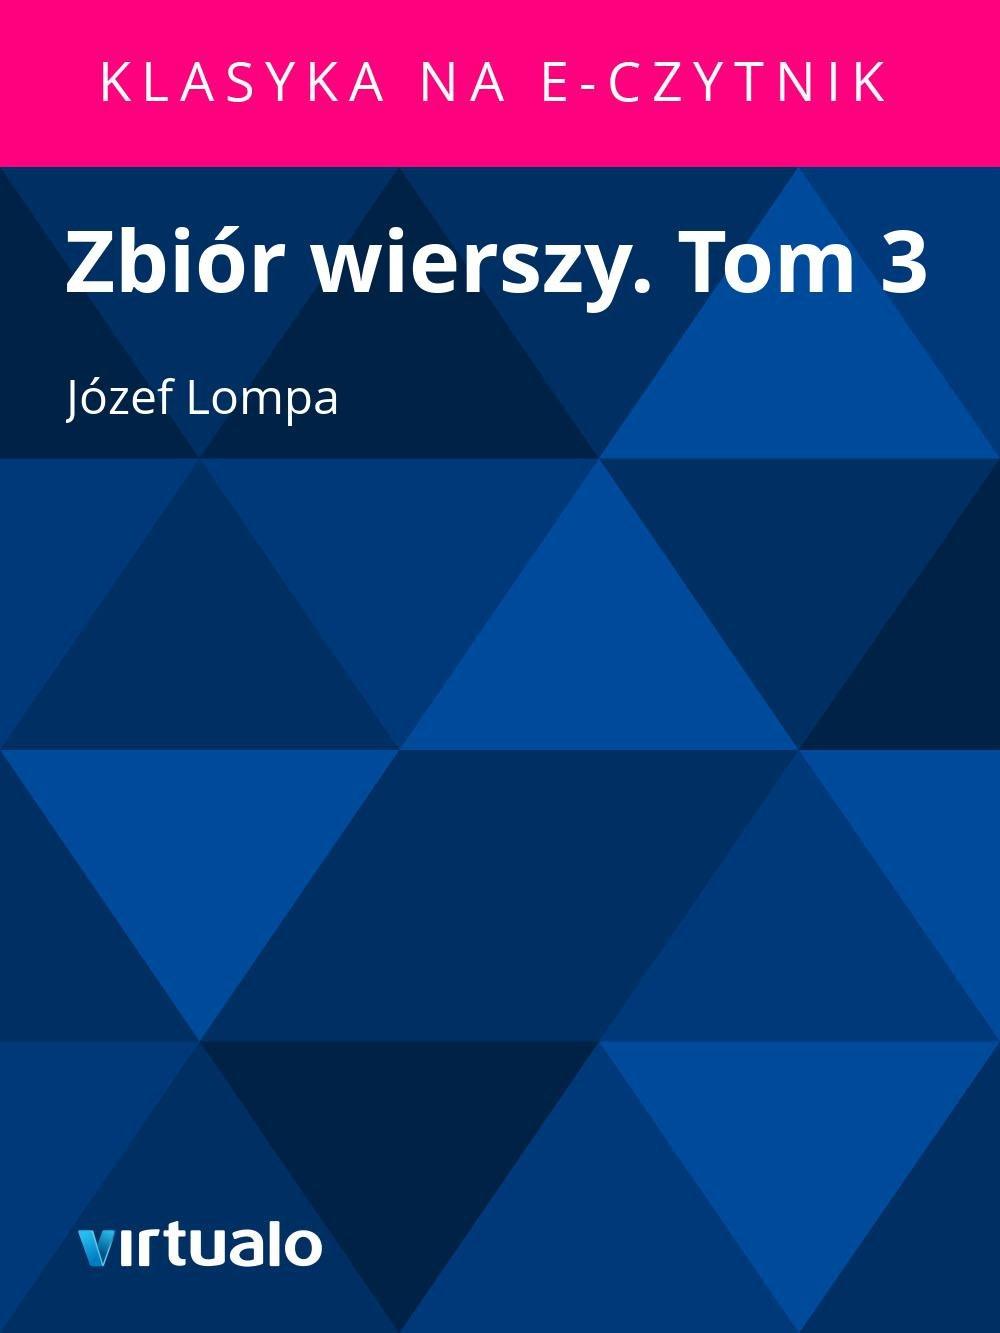 Zbiór wierszy. Tom 3 - Ebook (Książka EPUB) do pobrania w formacie EPUB